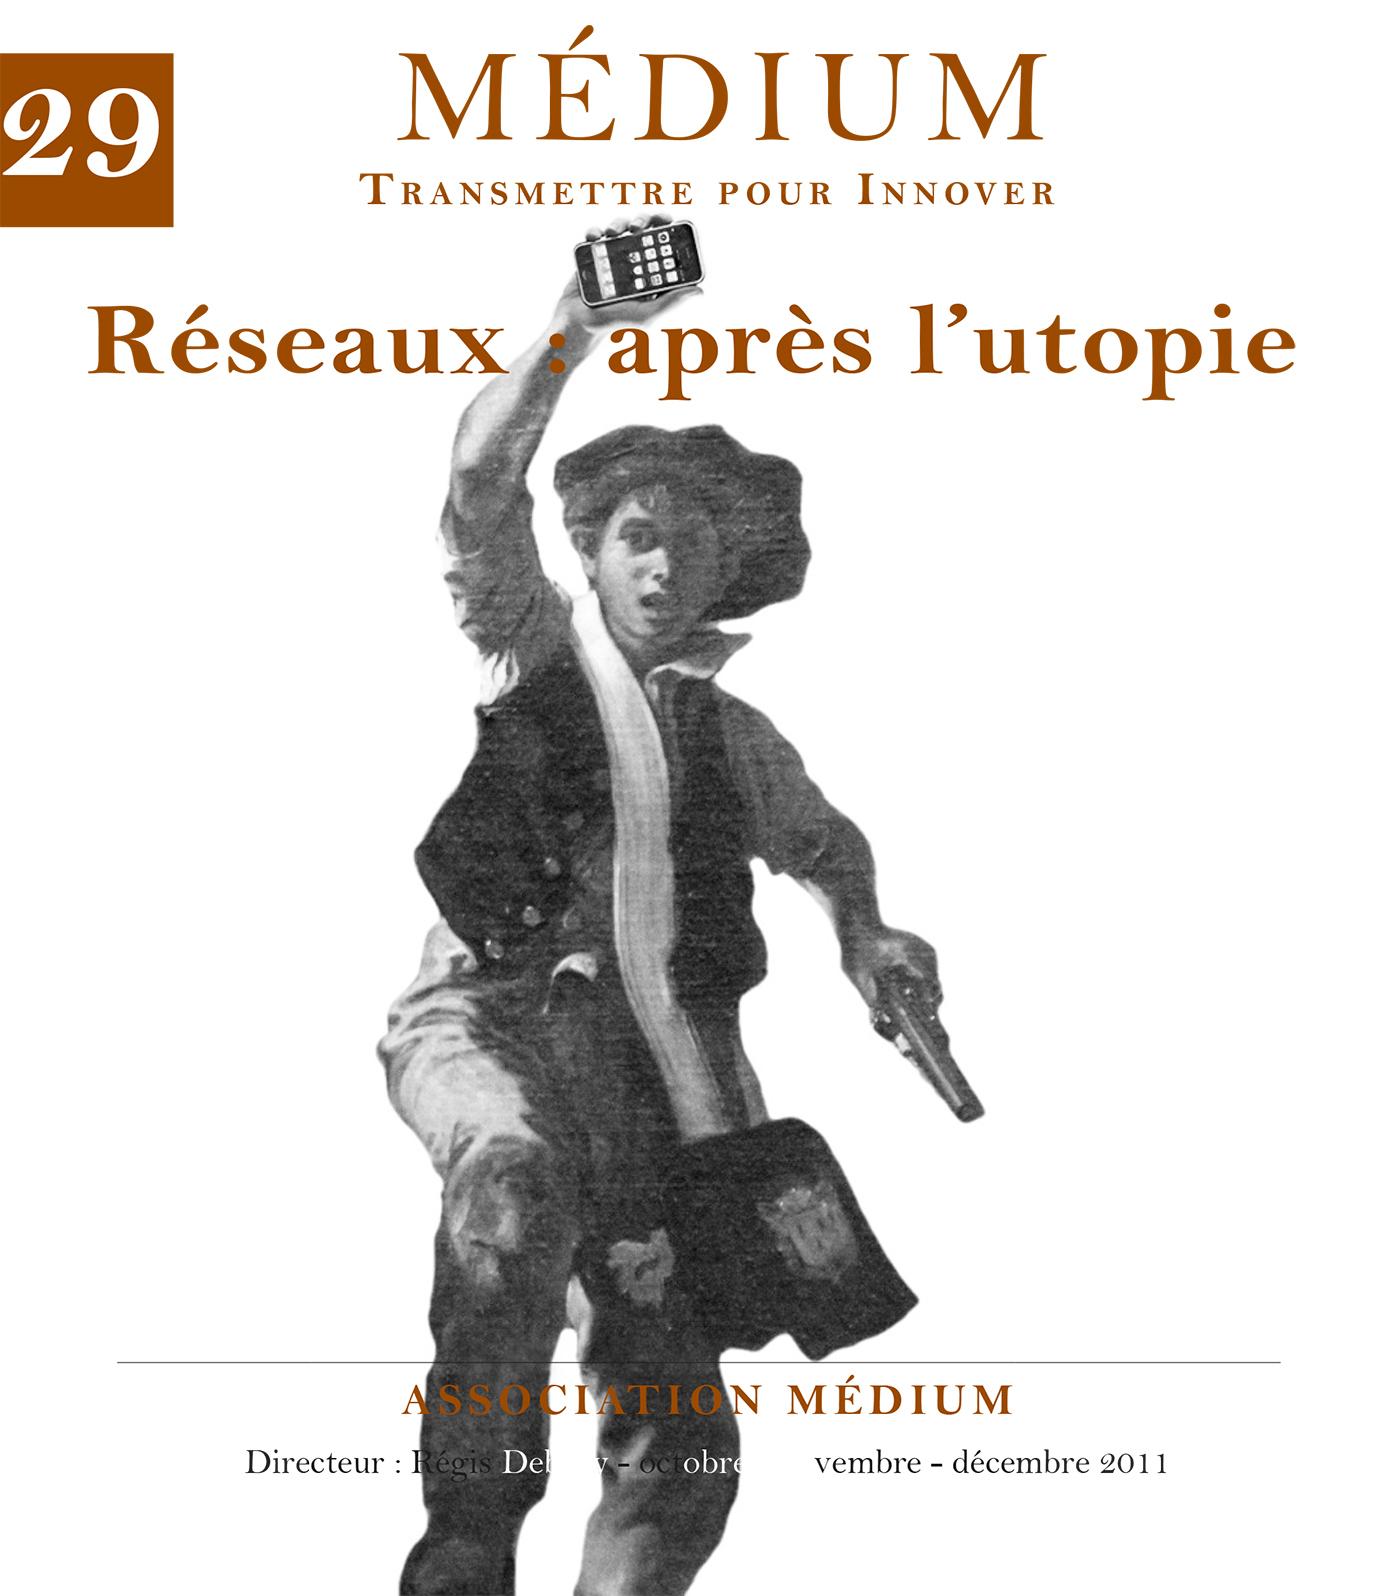 Réseaux après l'utopie (Médium n°29, octobre-décembre 2011)